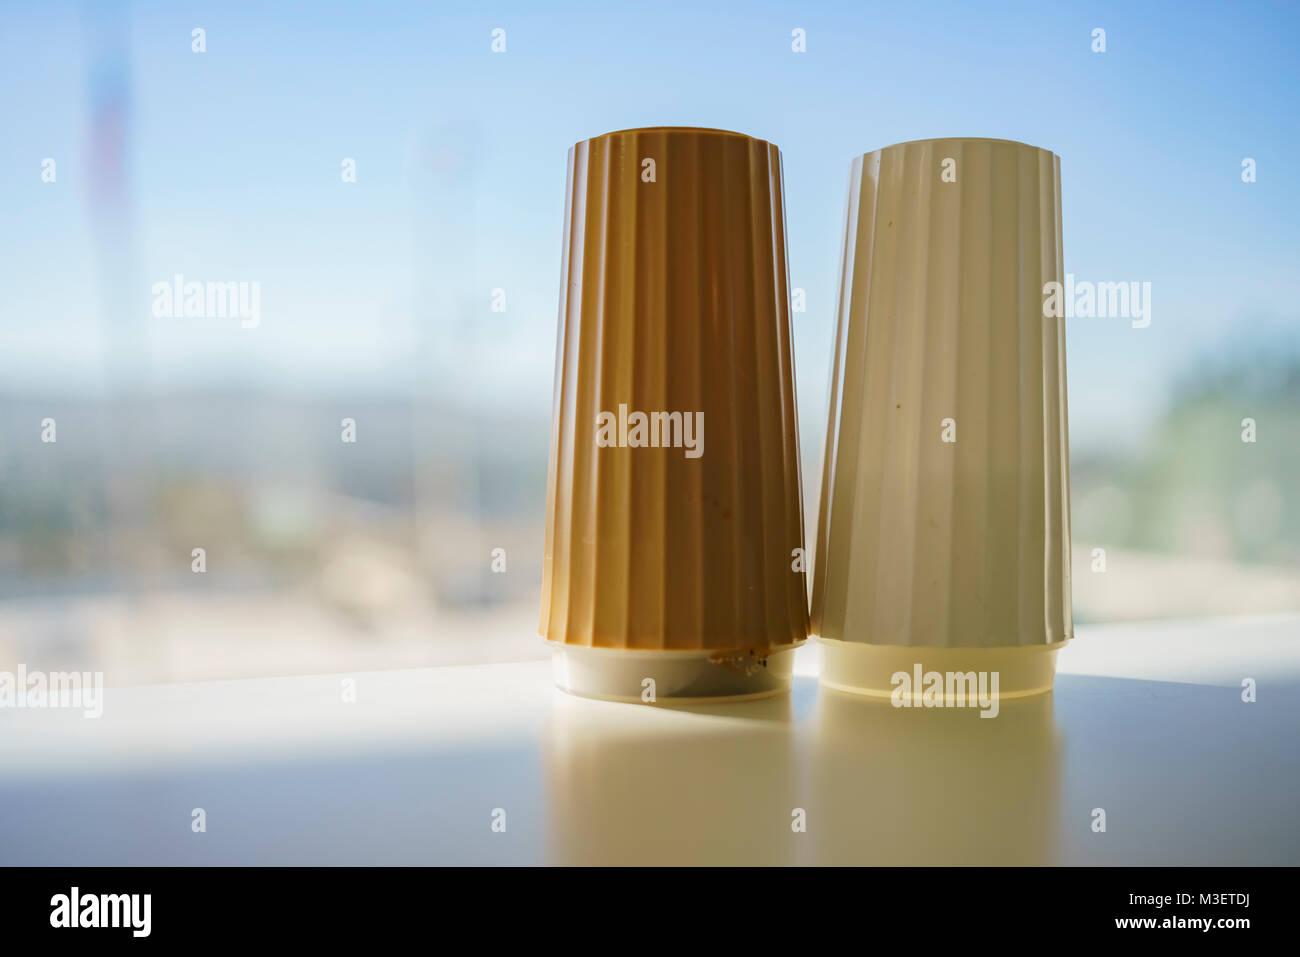 Zwei Gewürze Dosen sitzen auf dem Tisch, sah in Los Angeles Stockbild